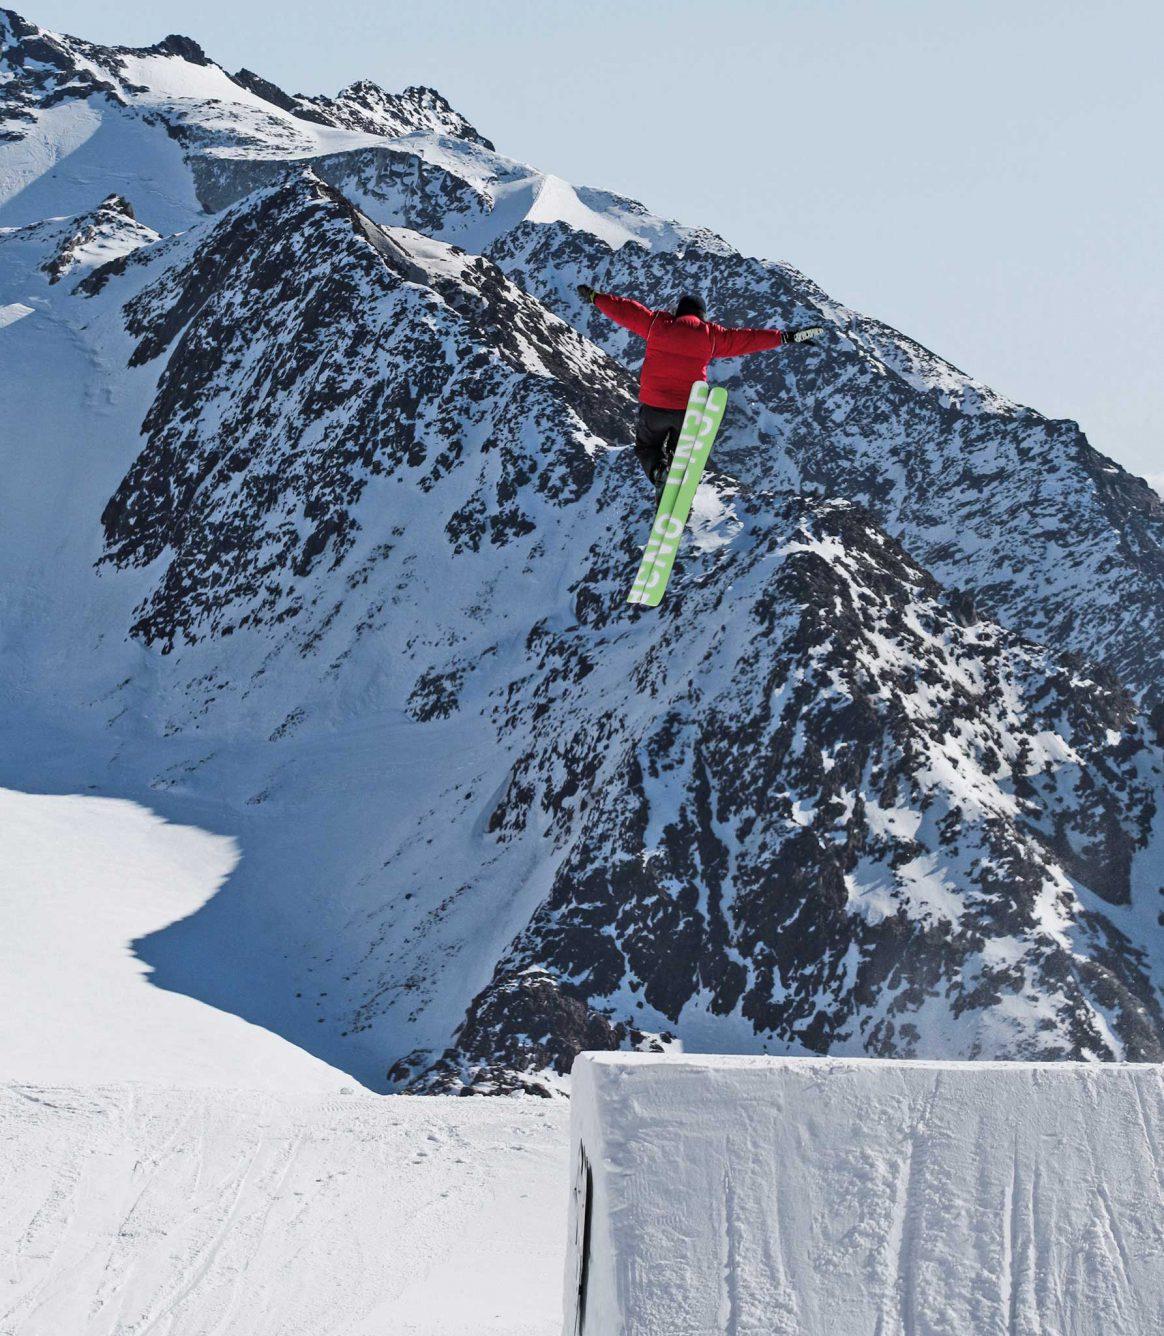 Rosina Friedel airs a jump at Stubai Glacier.